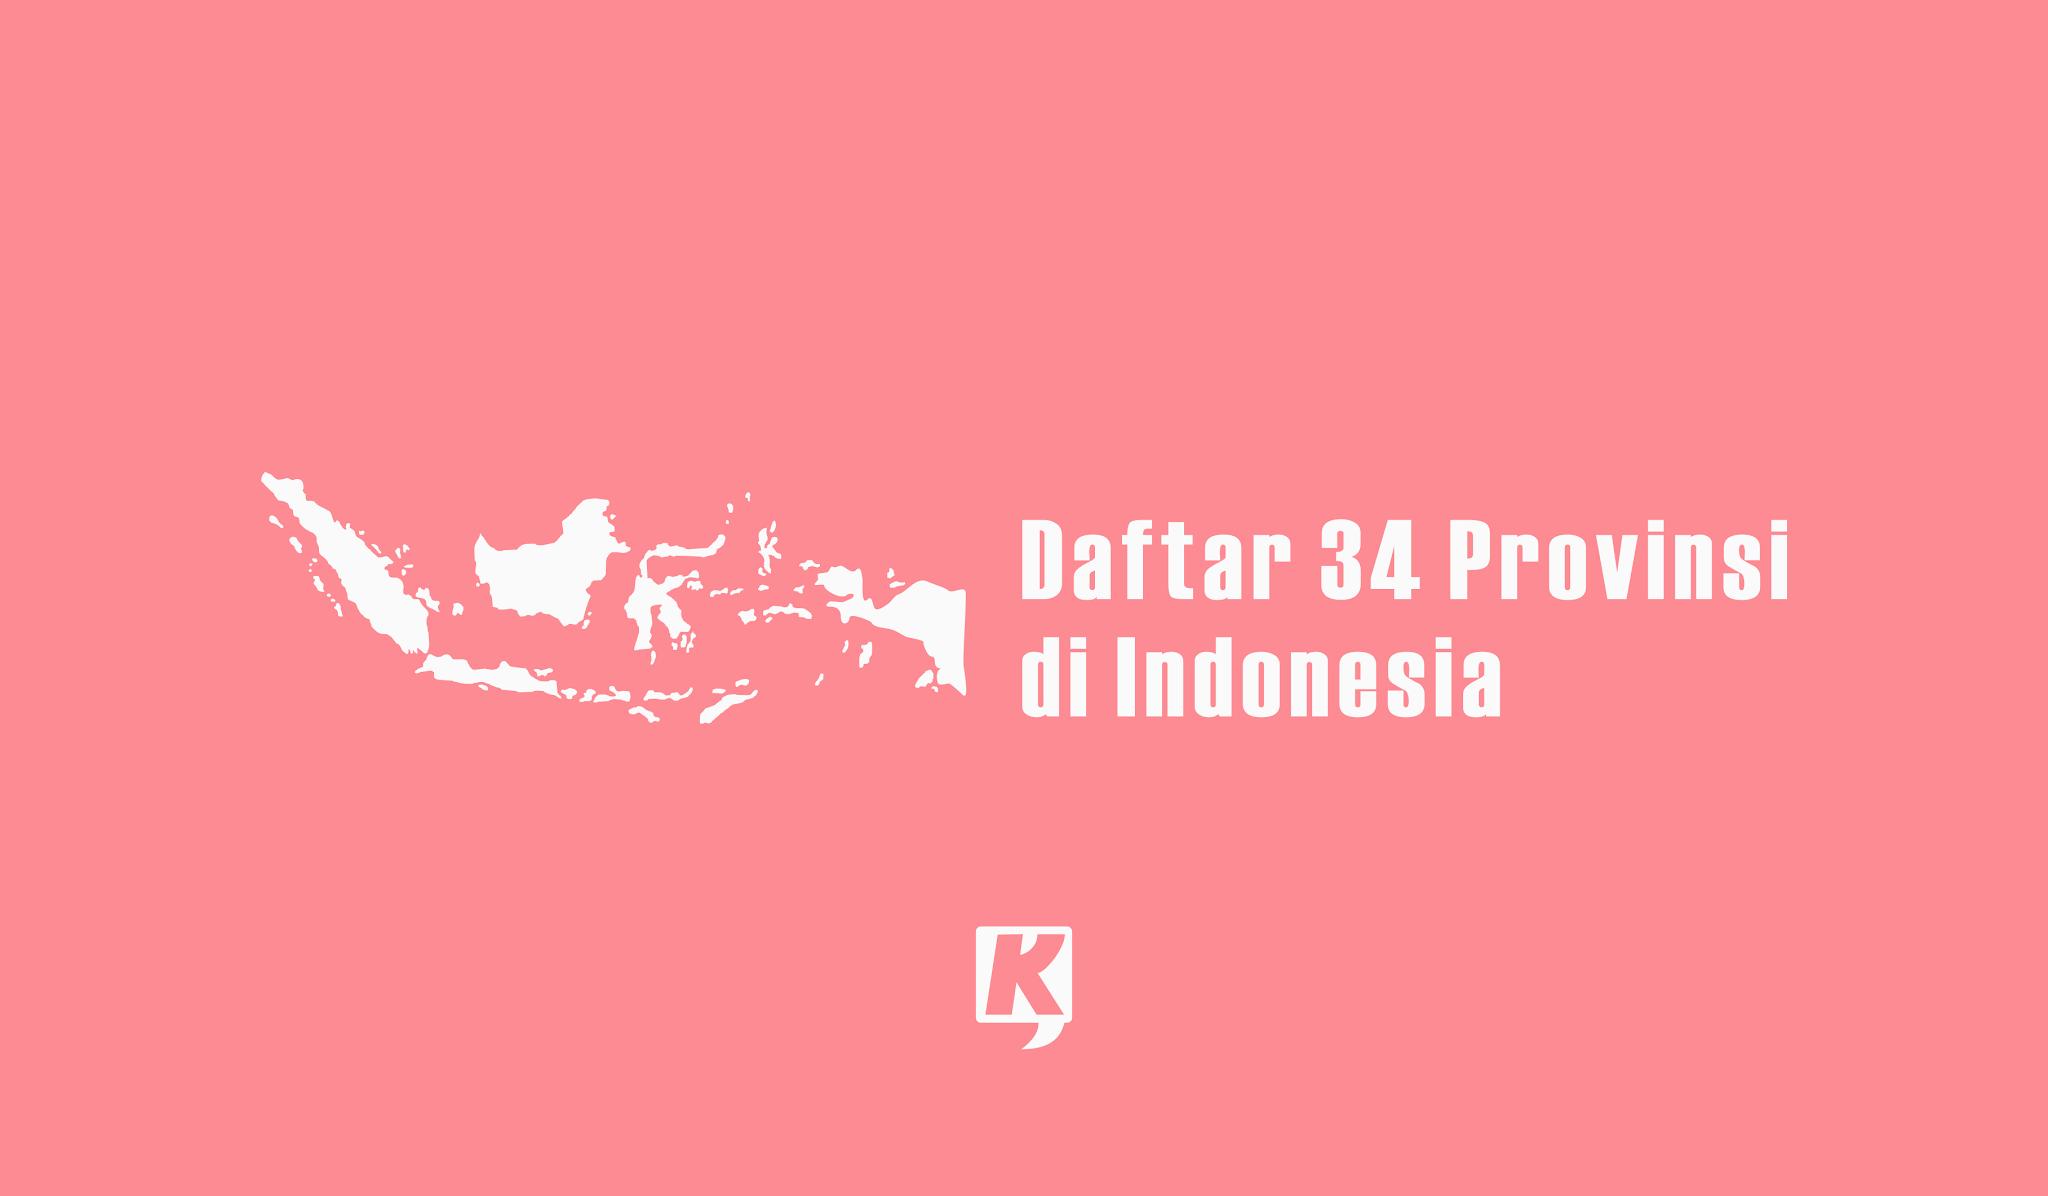 Daftar 34 Provinsi di Indonesia: Ibukota Provinsi dan Luas Wilayahnya Terbaru 2021